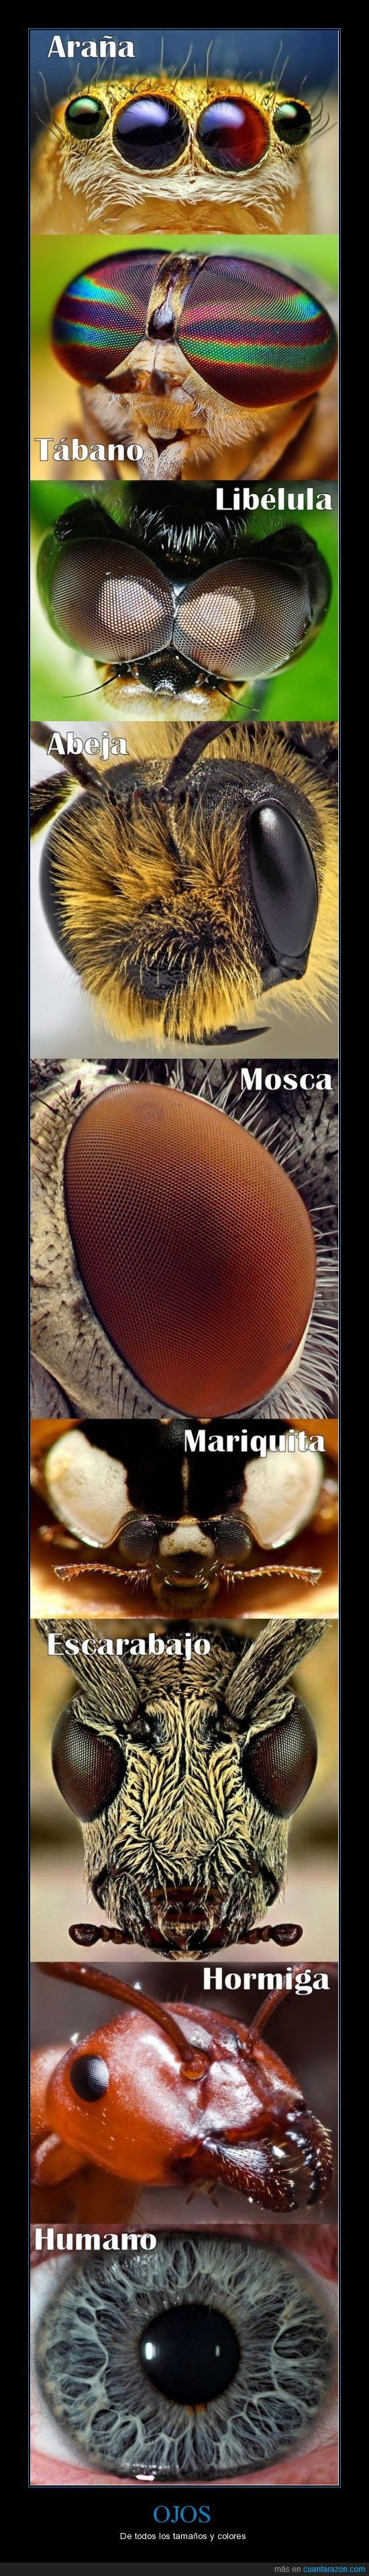 animales,insectos,lupa,naturaleza,ojos